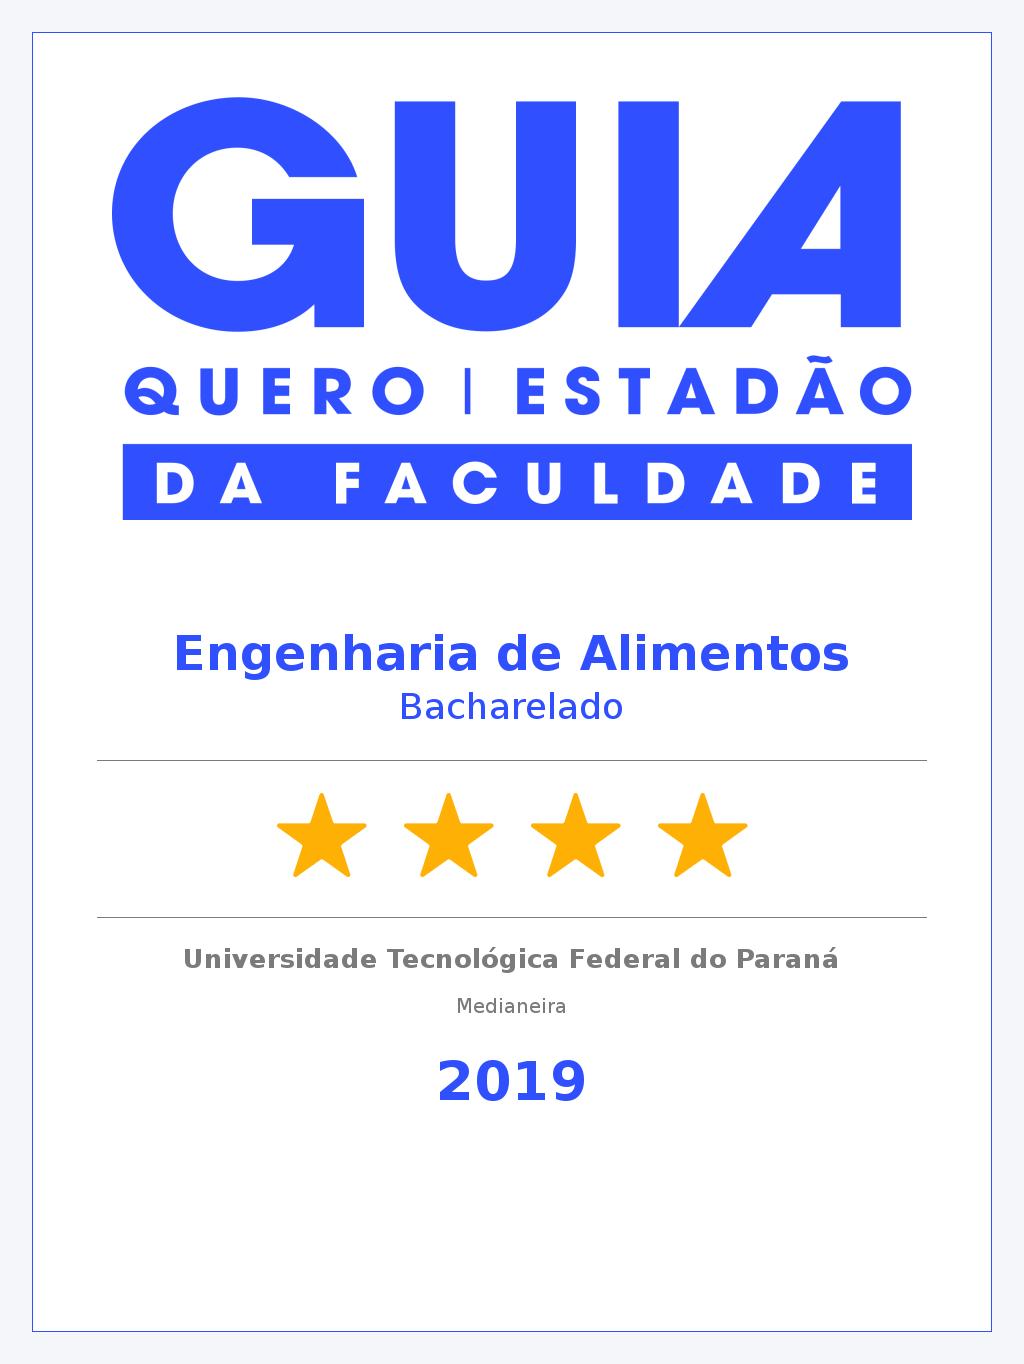 A classificação foi realizada pela equipe do Guia da Faculdade, uma parceria entre a Quero Educação e o jornal O Estado de São Paulo.